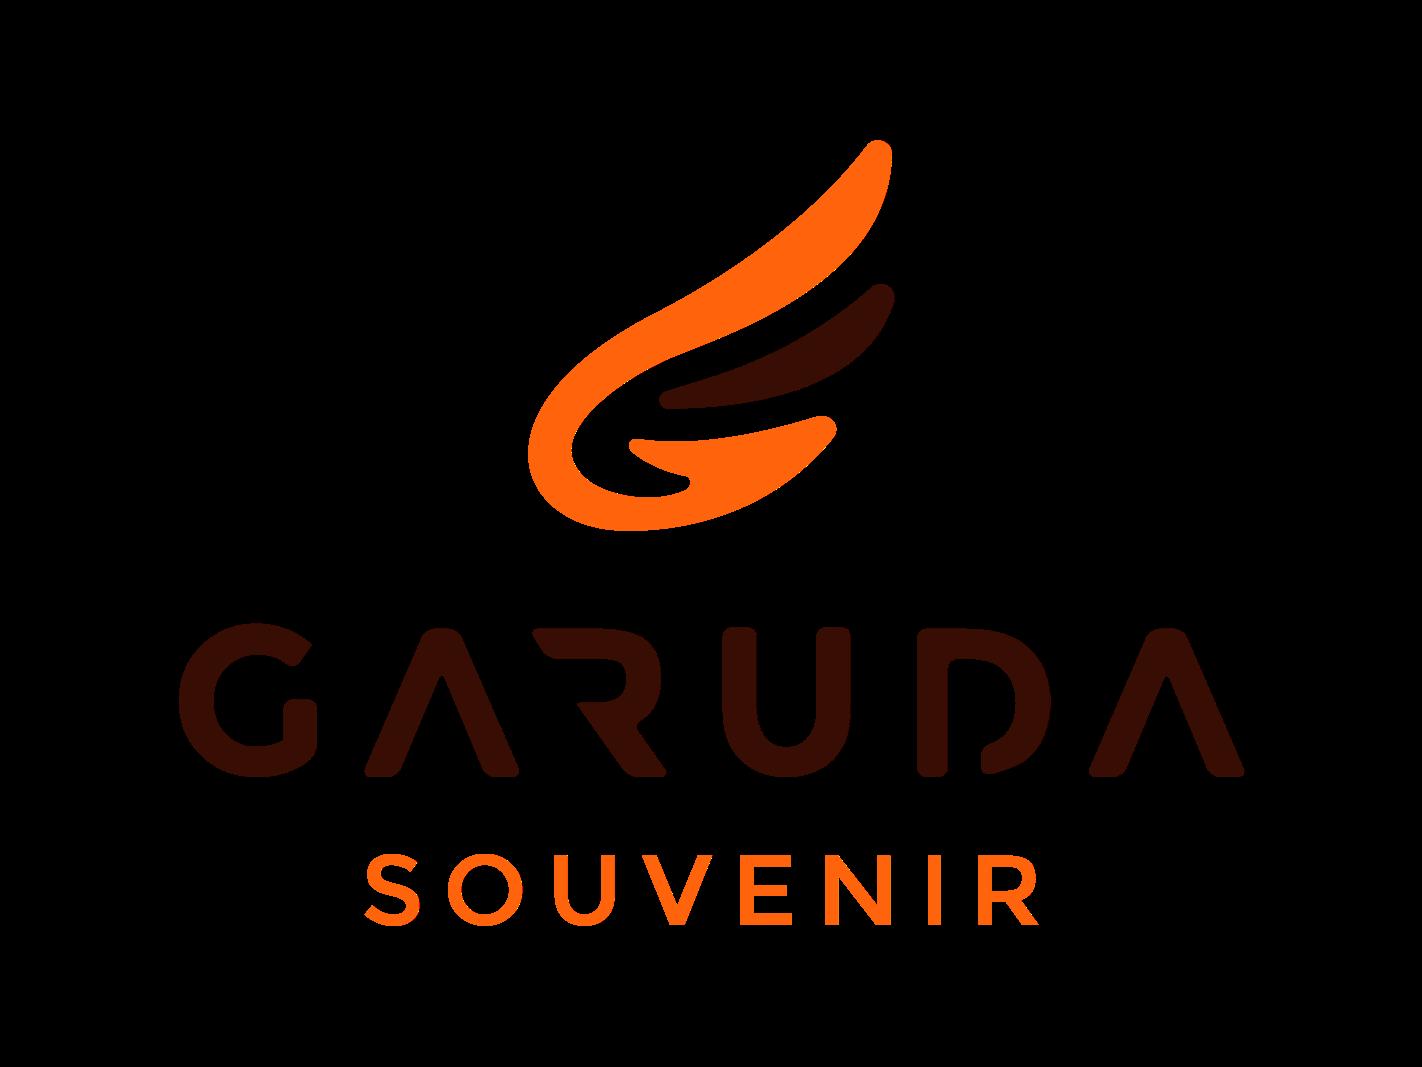 Toko Garuda Souvenir